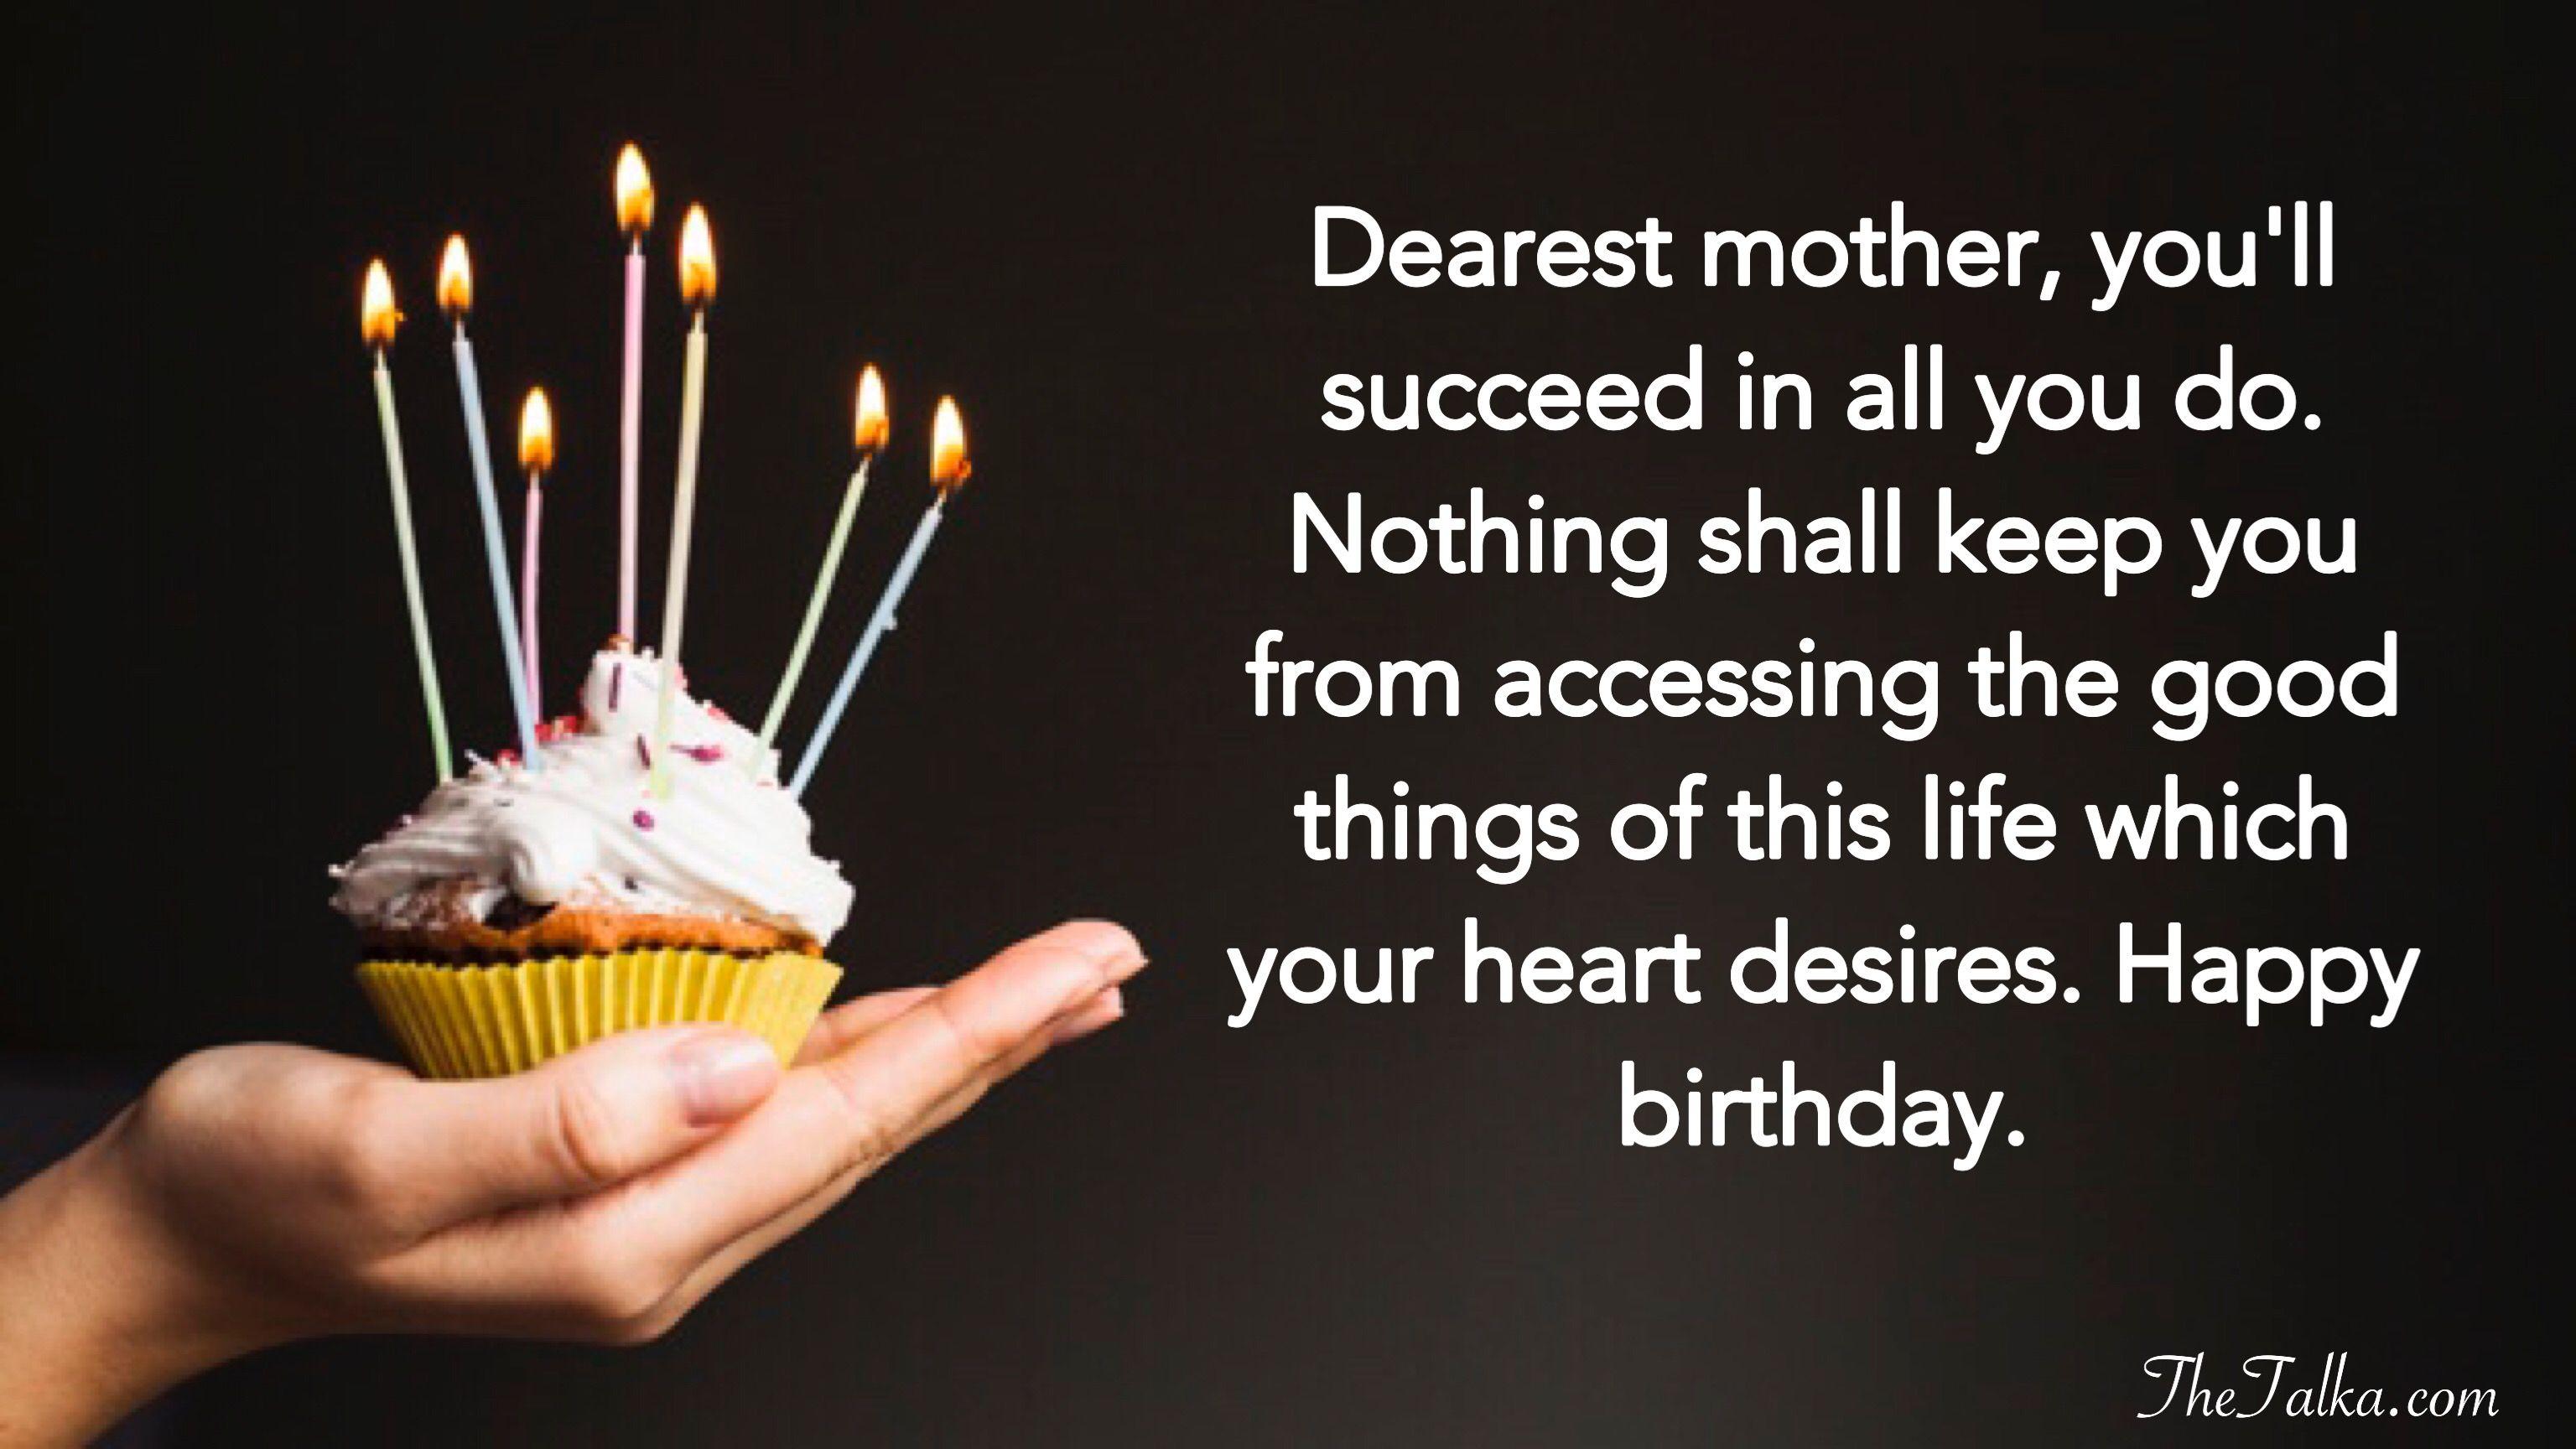 Birthday Wishes For Mom Prayer Funny Birthday Wishes For Mom Birthday Wishes For Mother Birthday Wishes